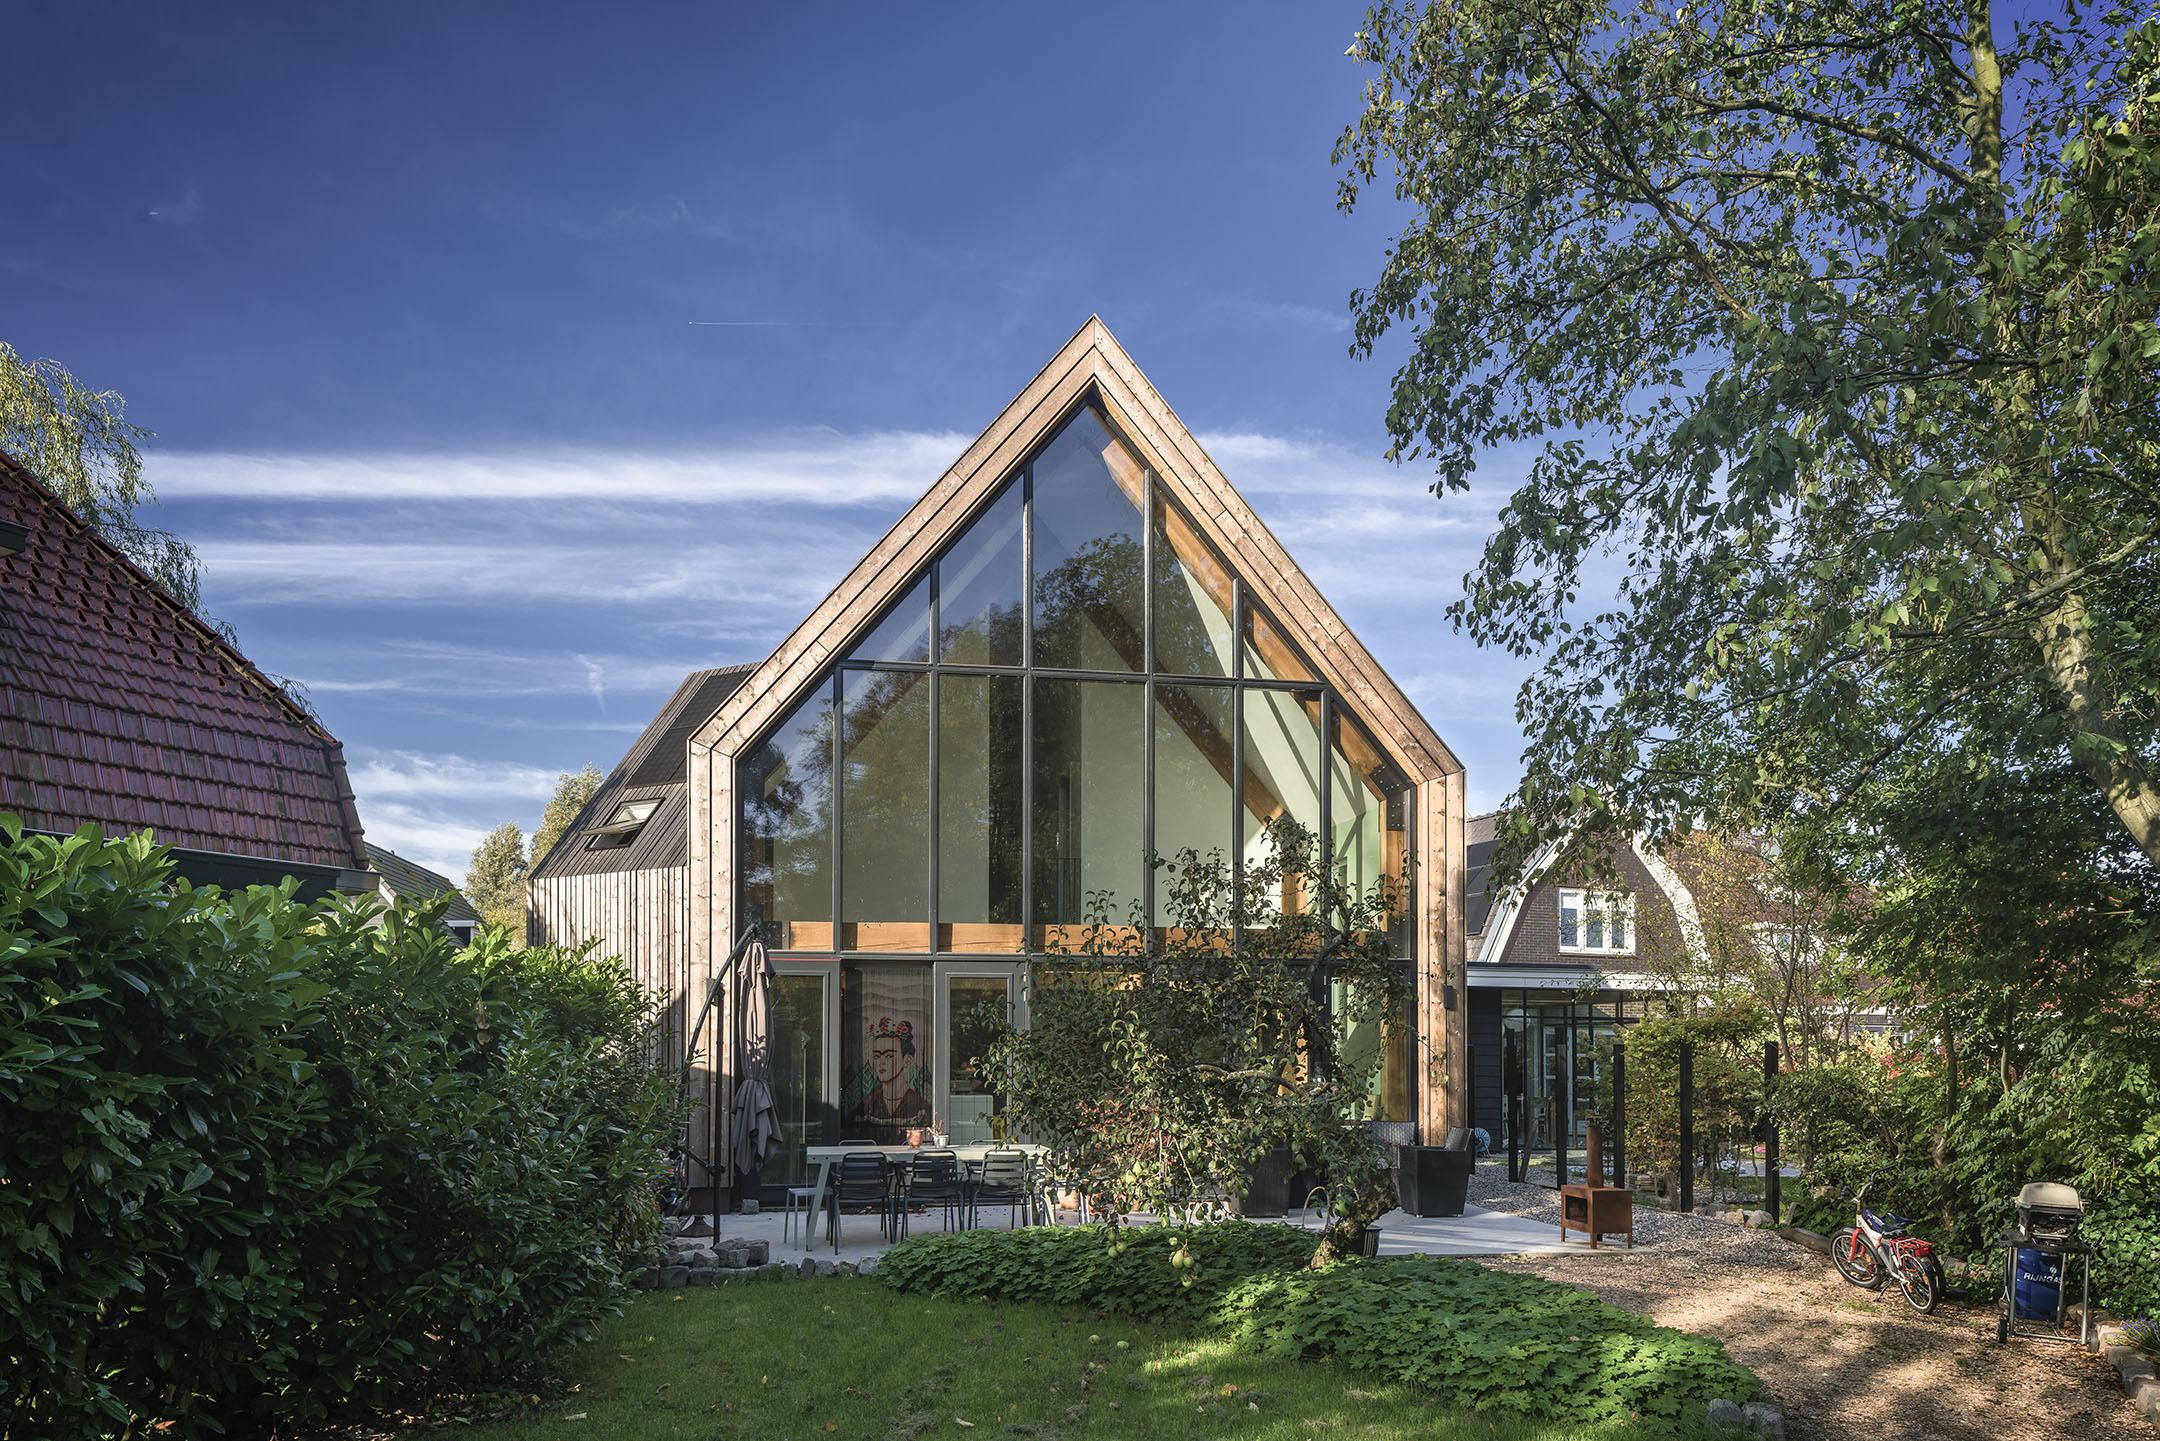 Huis Ontworpen Door Ecologische Architect